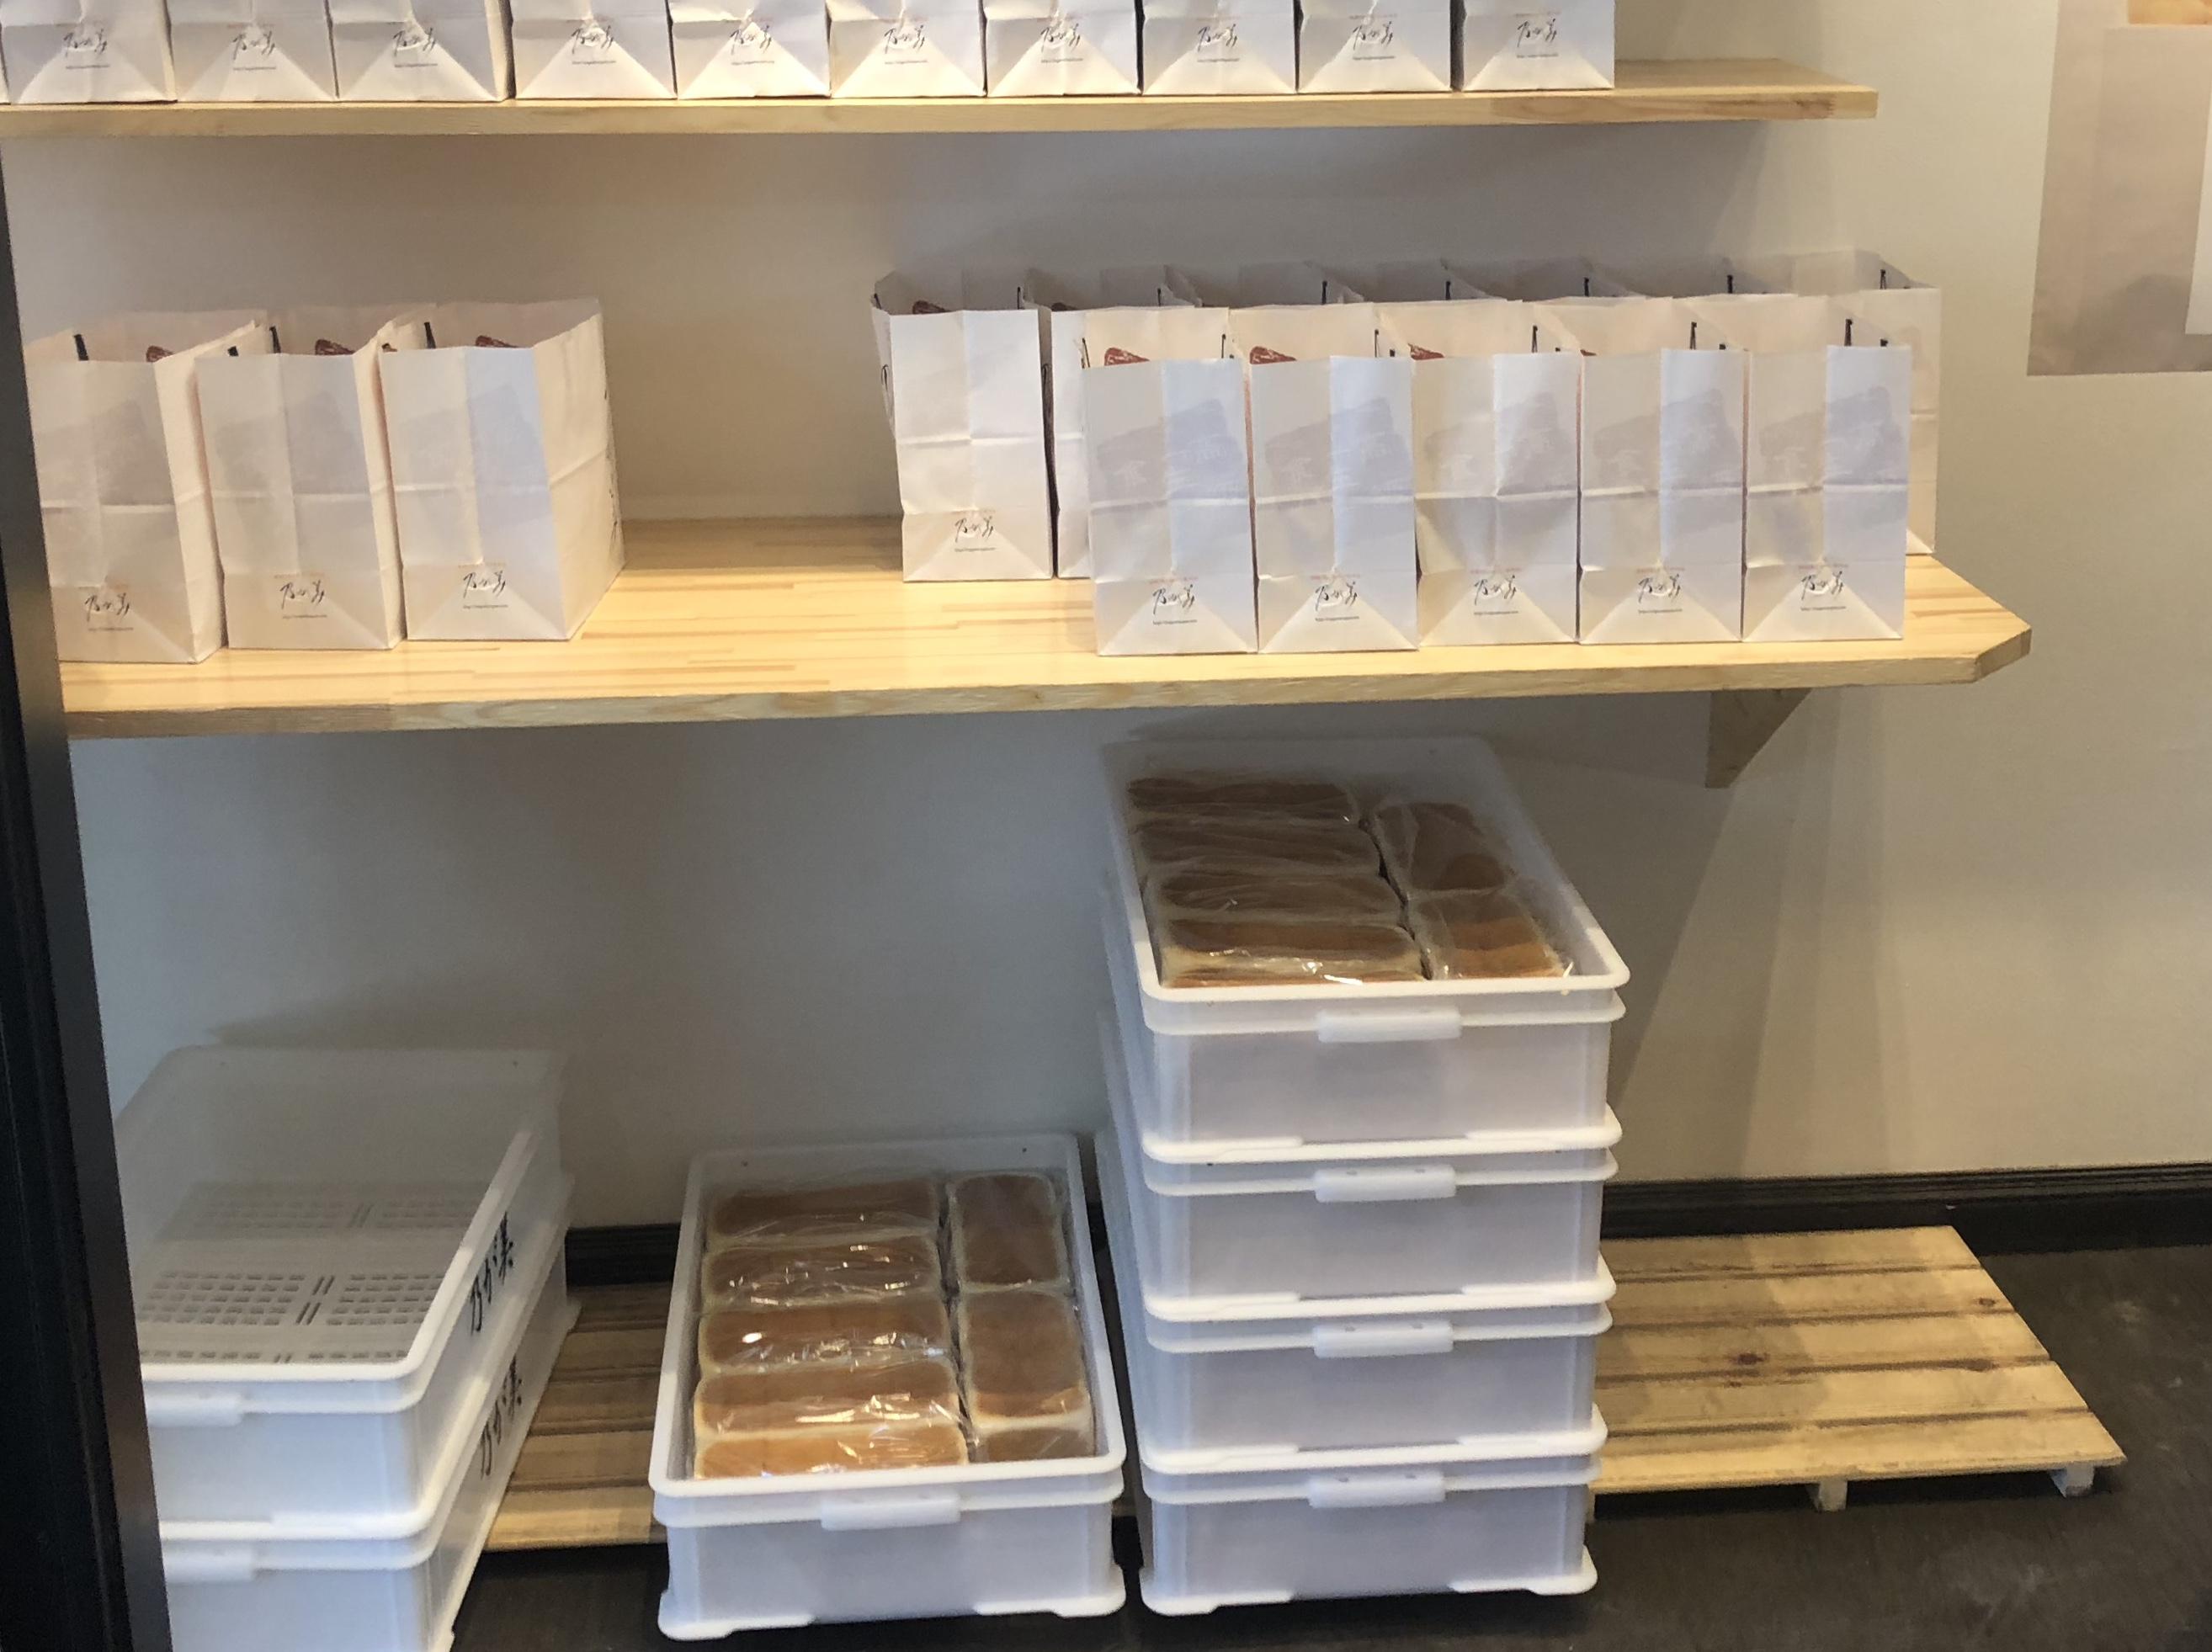 パン棚に乃が美の予約の食パンがたくさん並ぶ